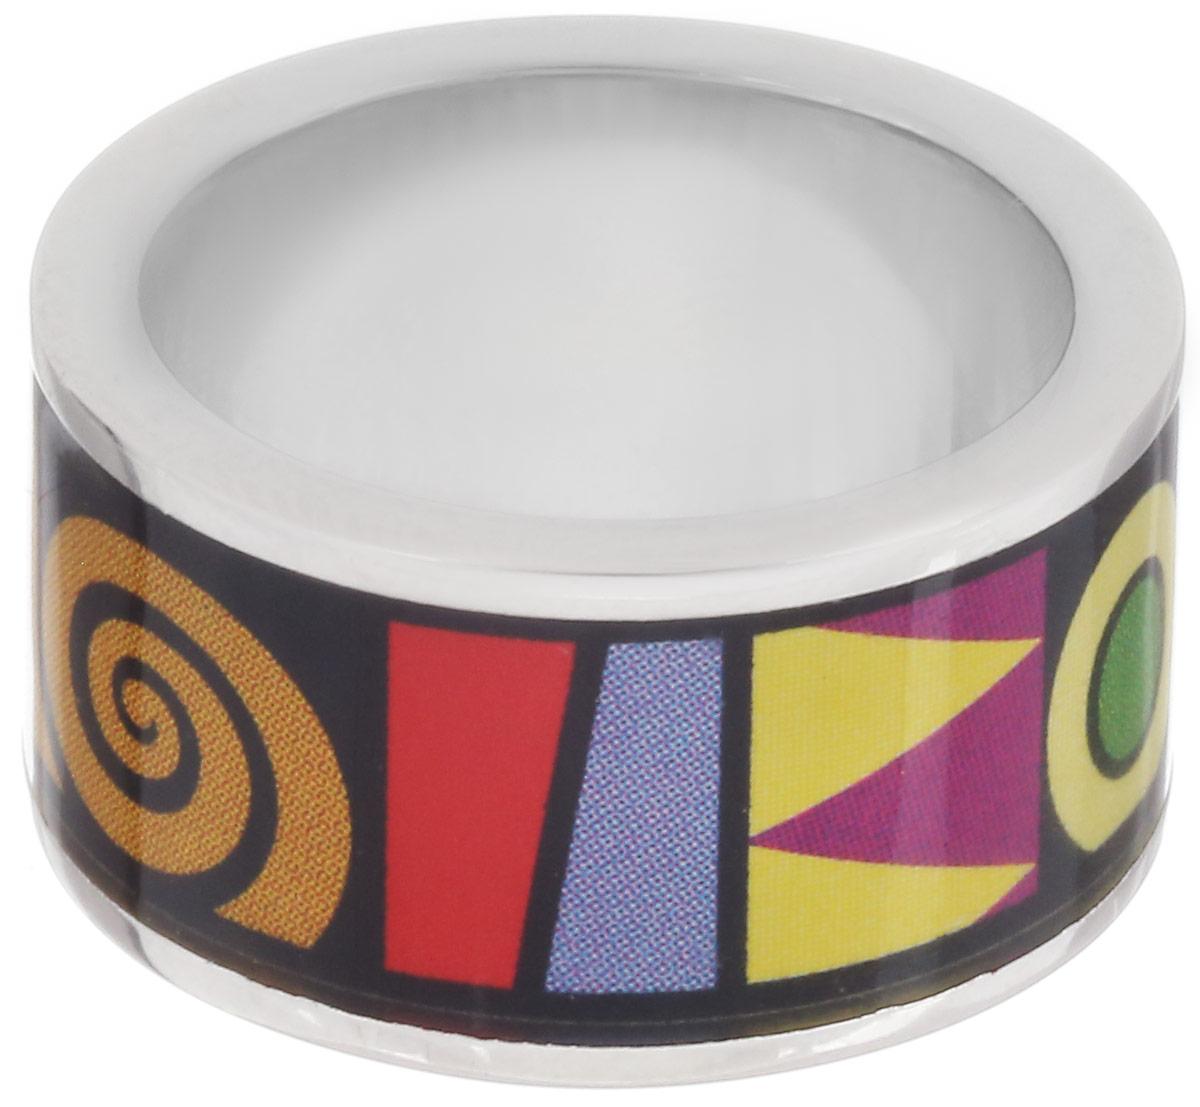 Кольцо Art-Silver, цвет: серебристый, черный, мультиколор. ФК104-1-320. Размер 18,5ФК104-1-320Стильное кольцо Art-Silver изготовлено из бижутерного сплава. Изделие оформлено оригинальным принтом и покрыто эмалью. Стильное кольцо придаст вашему образу изюминку и подчеркнет индивидуальность.